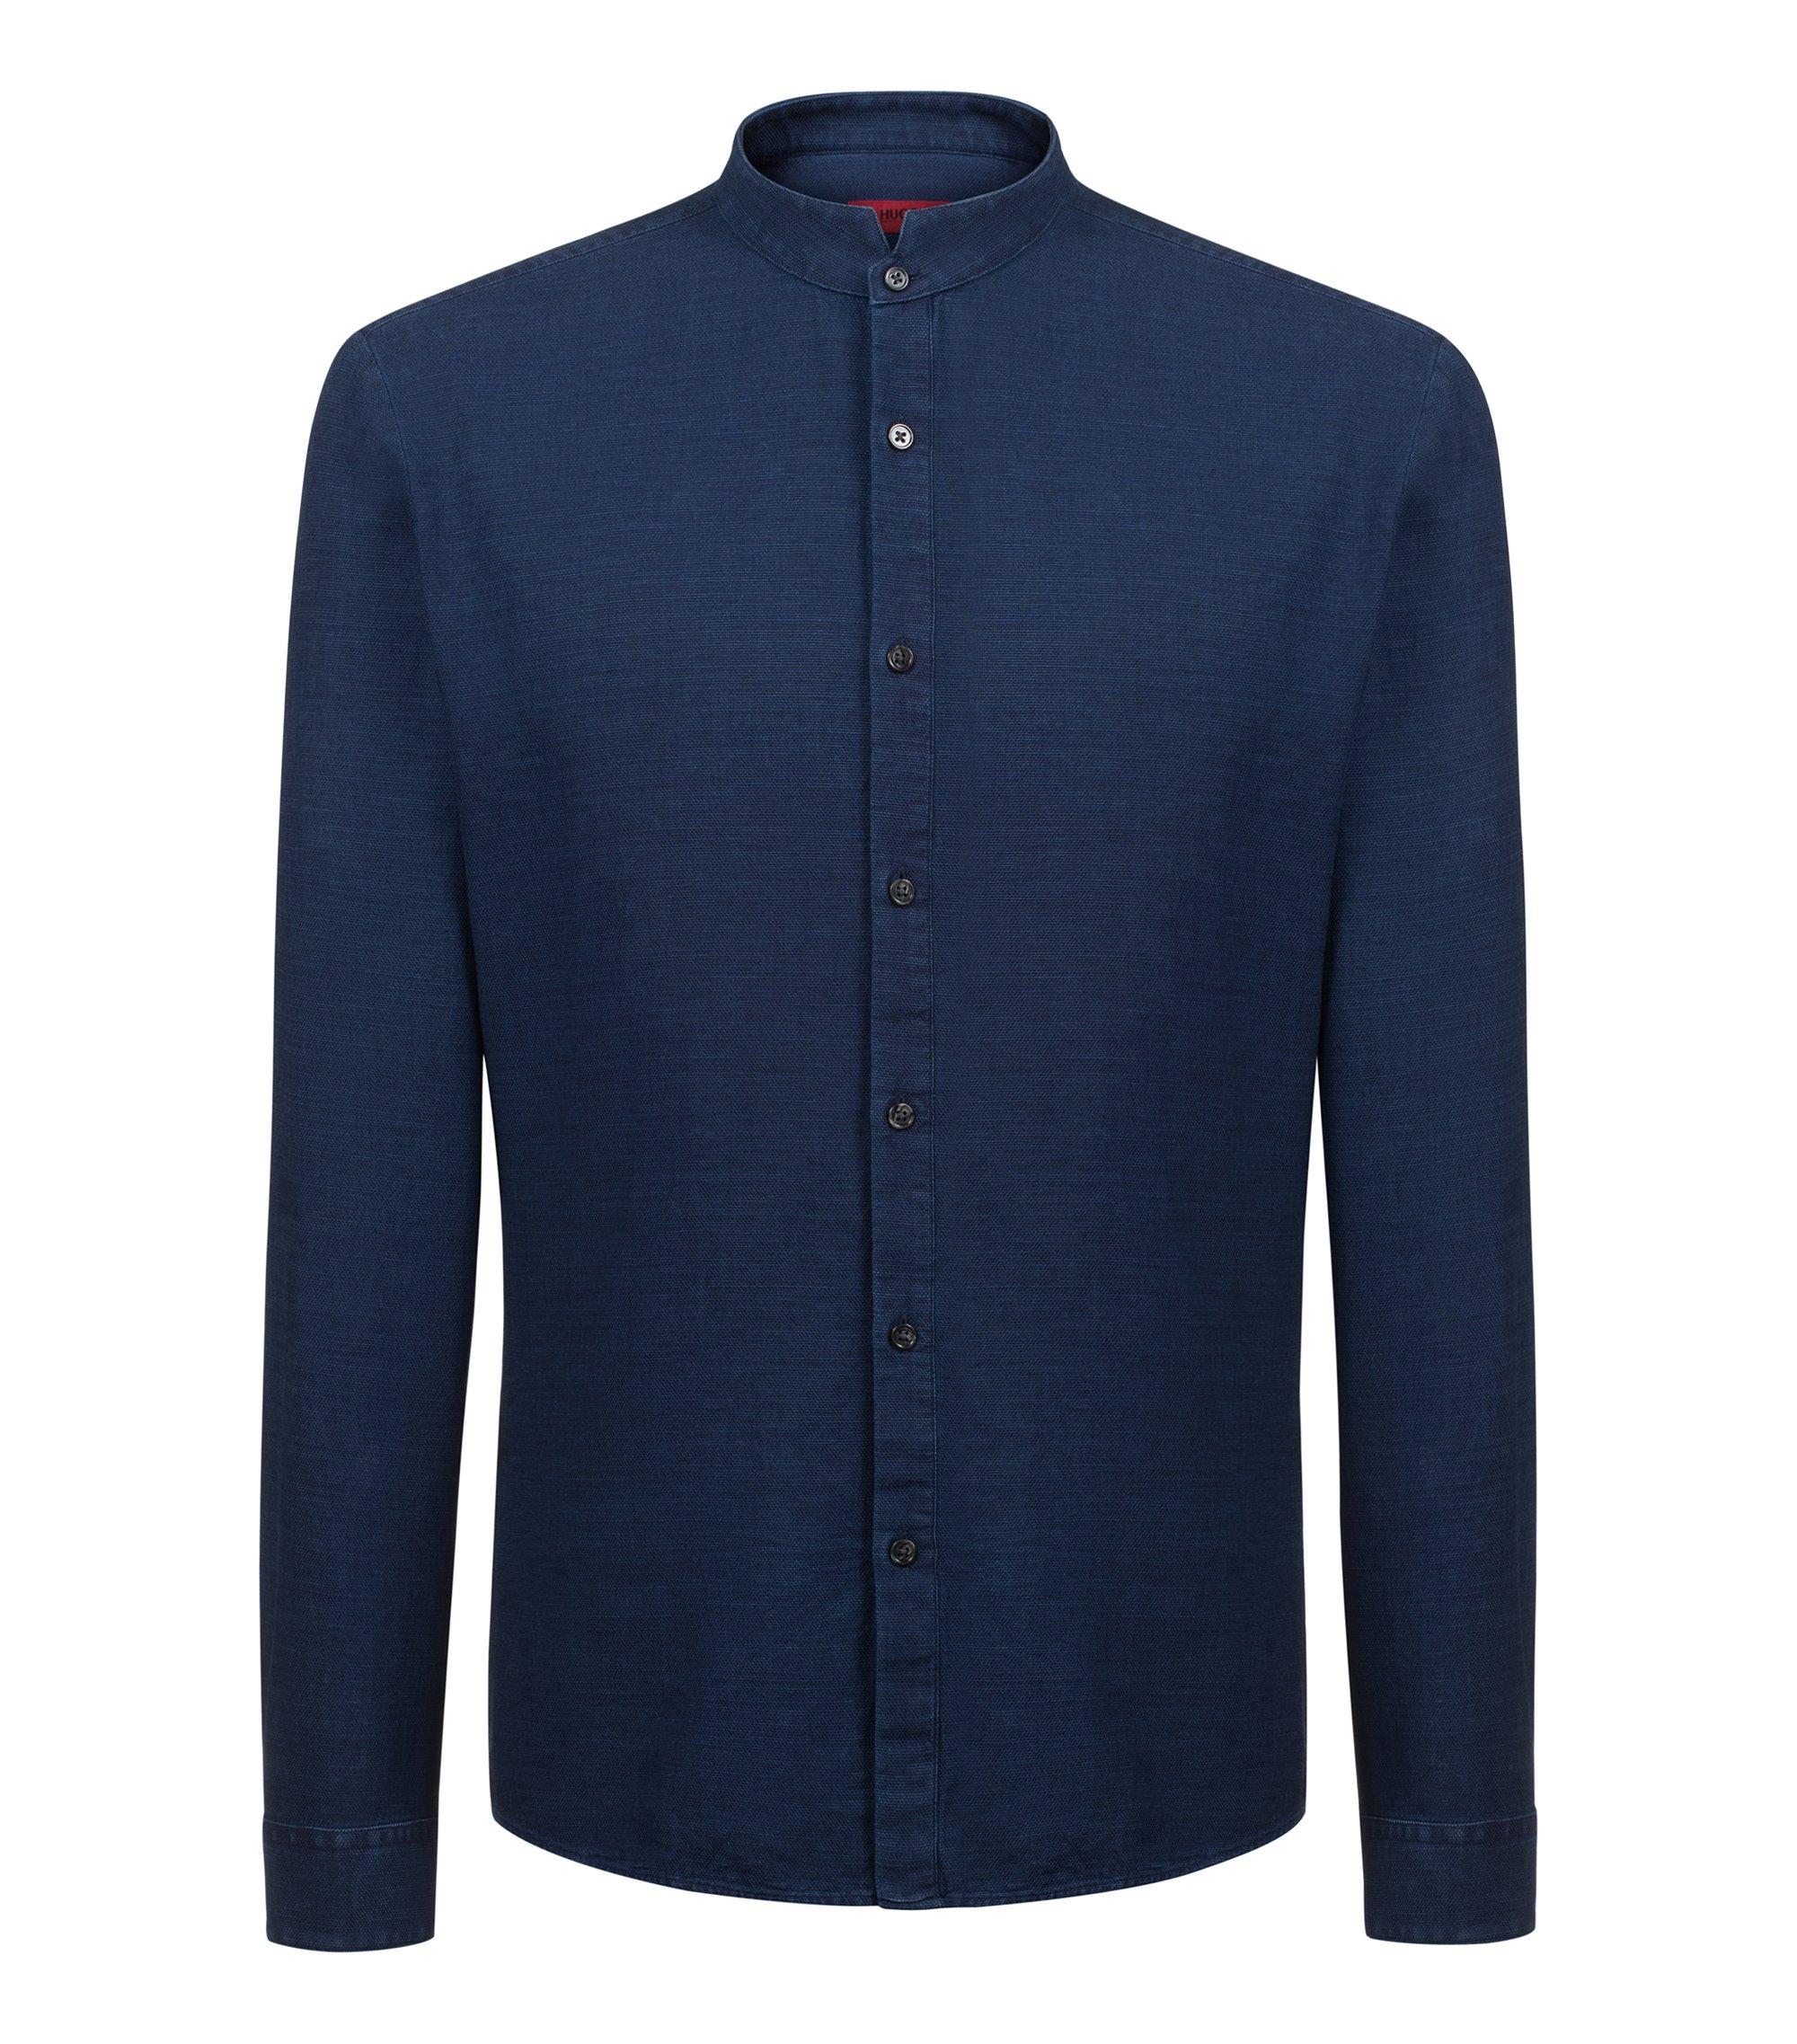 Chemise Extra Slim Fit à col montant en coton indigo, Bleu foncé